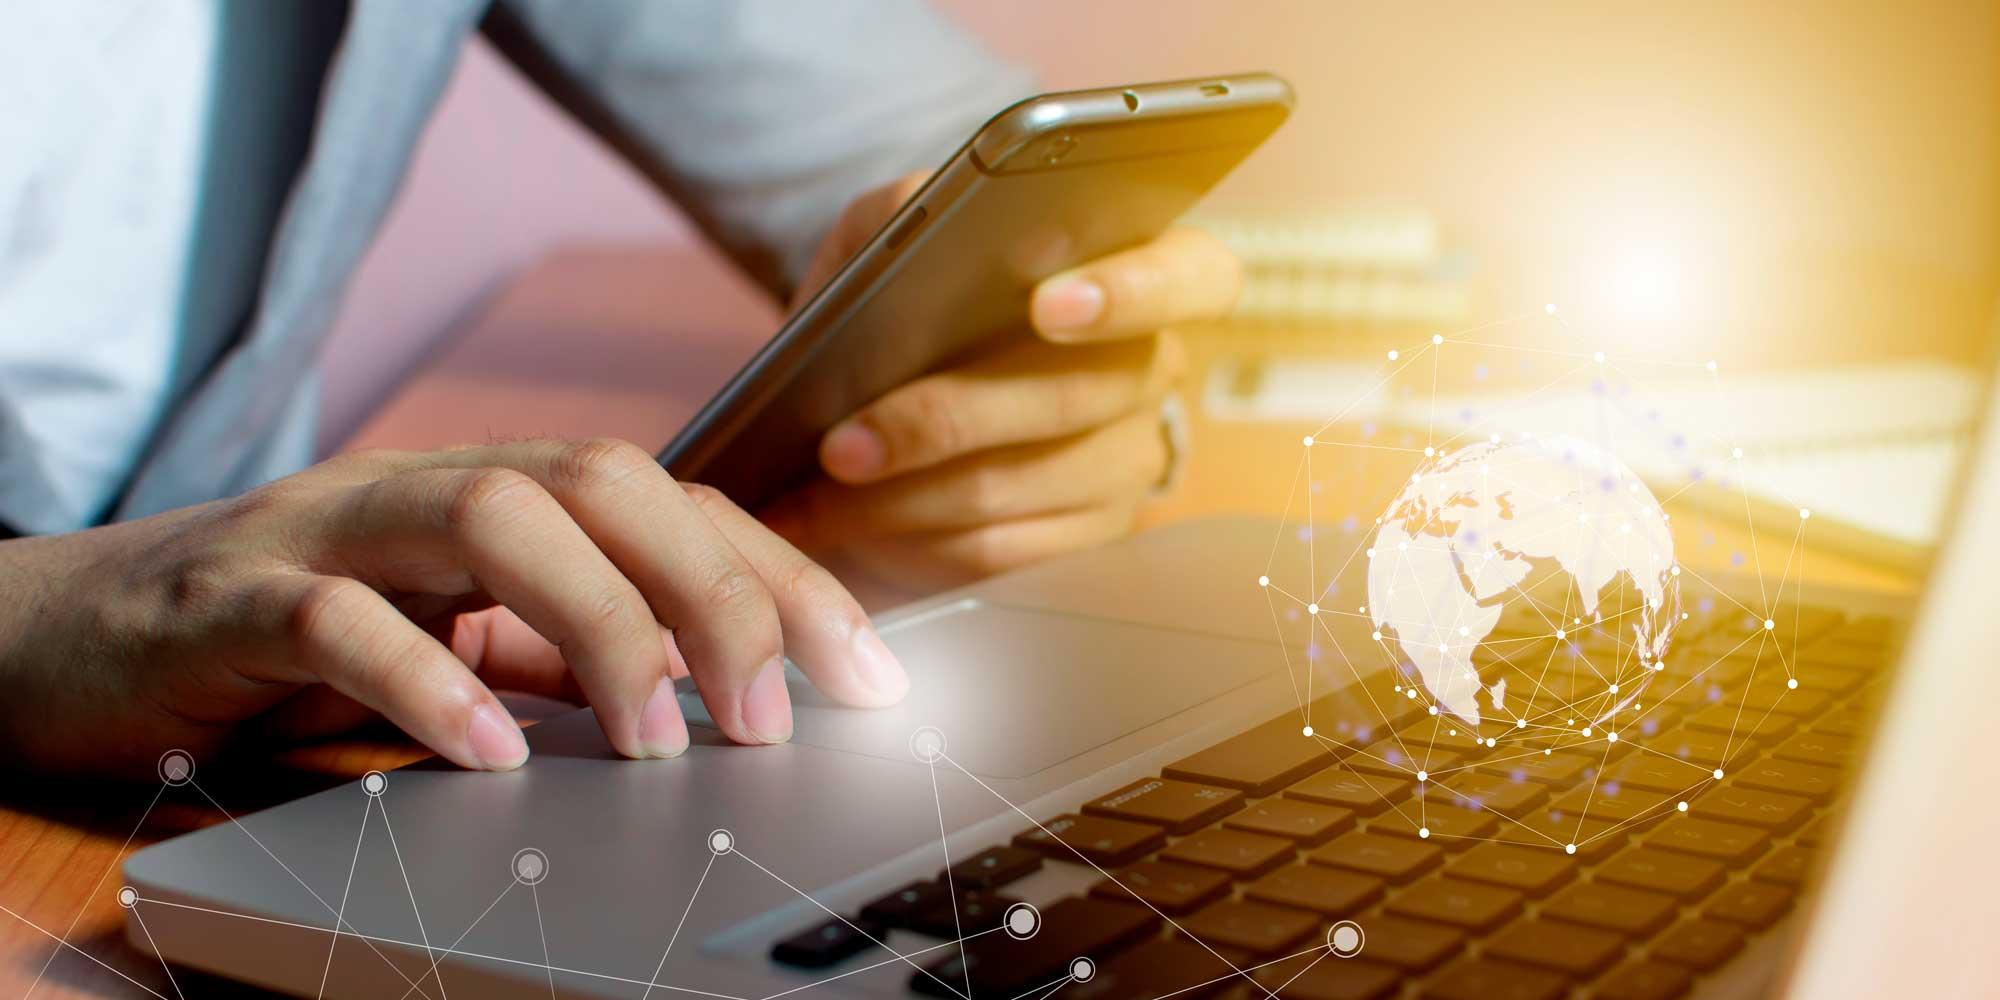 Automatize a sua rotina jurídica com a ajuda da tecnologia.